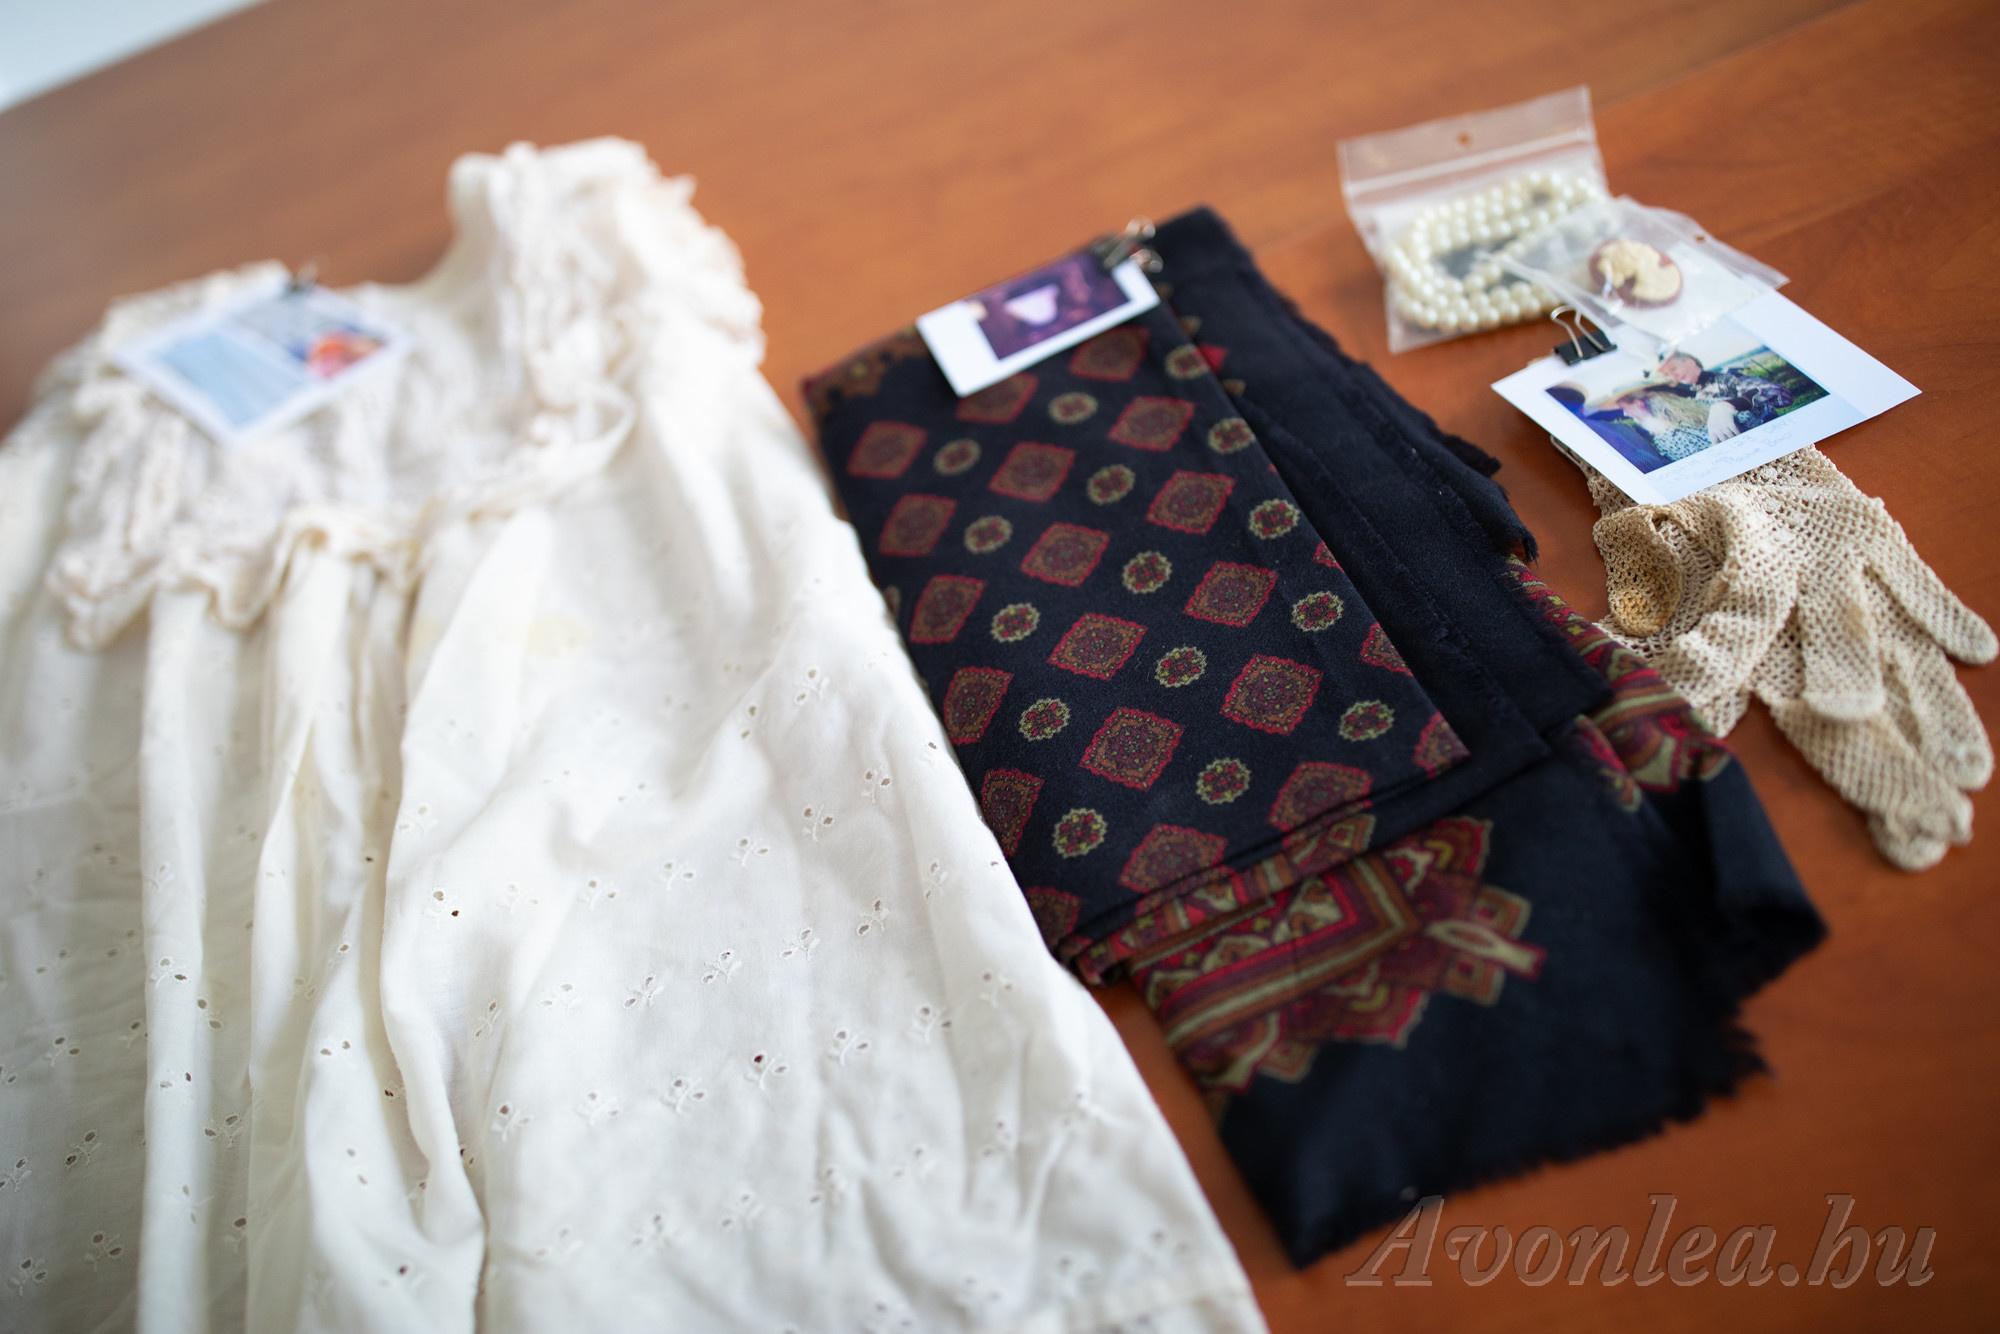 Hivatalos kellékek a sorozatból: Sara köténye, Mrs. Bugle sála, Mrs. Lynde kesztyűje, egy nyaklánc és egy bross